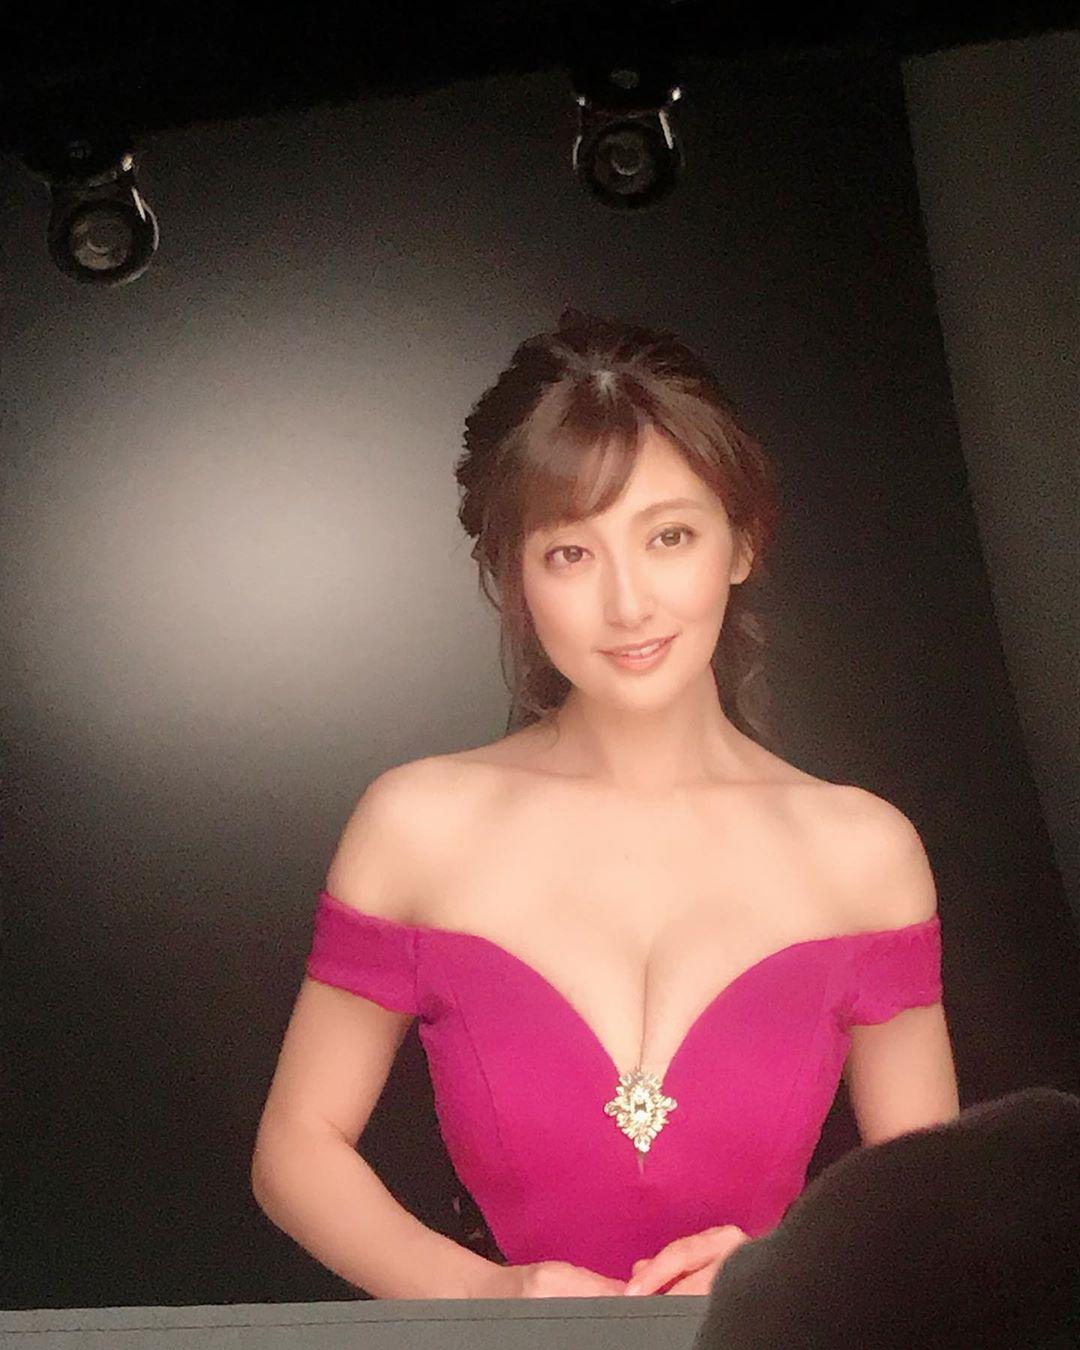 """Nữ diễn viên Nhật Bản U40 vẫn mơn mởn xứng danh """"đệ nhất ngực đẹp"""" - 3"""